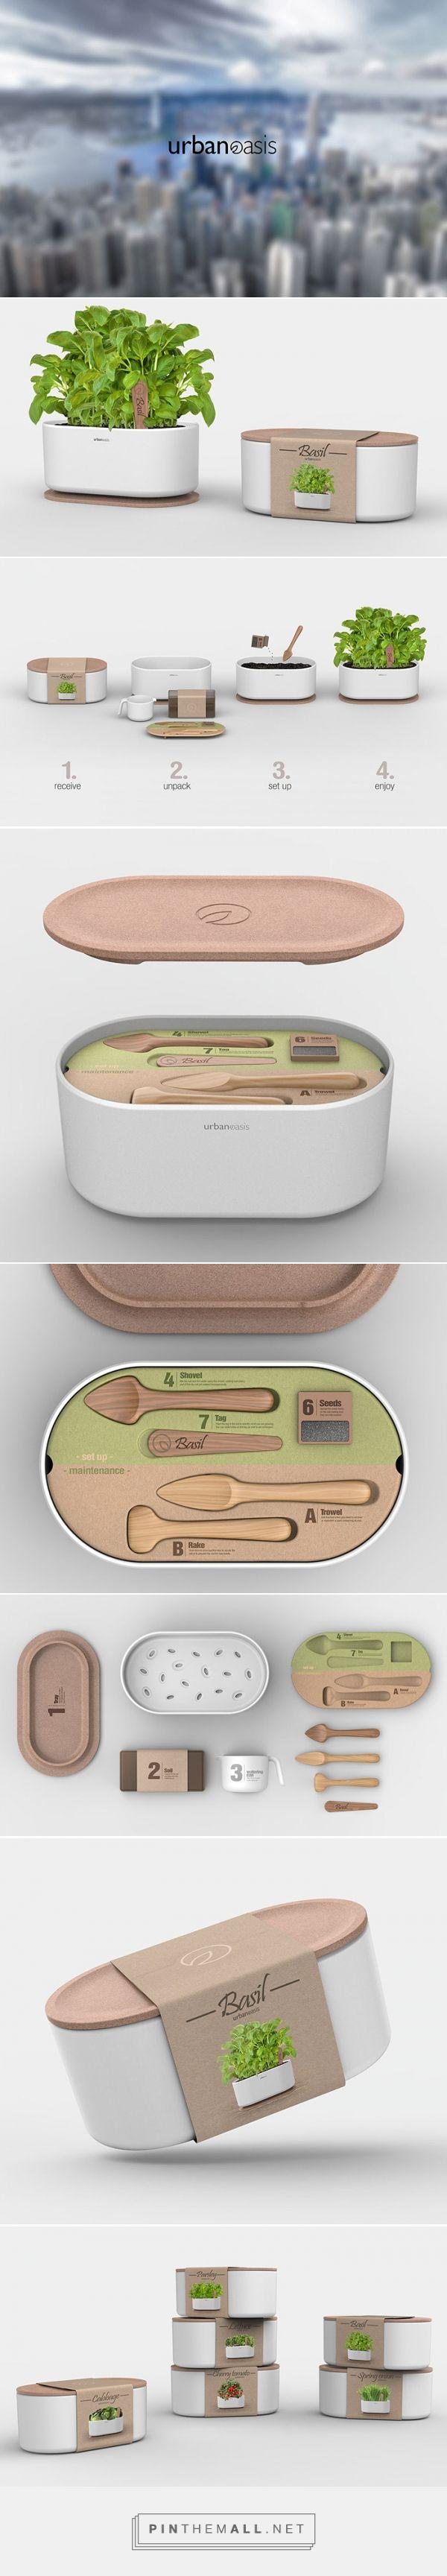 ¿Qué os parece este huerto móvil? Es muy chulo y lo puedes poner donde quieres.